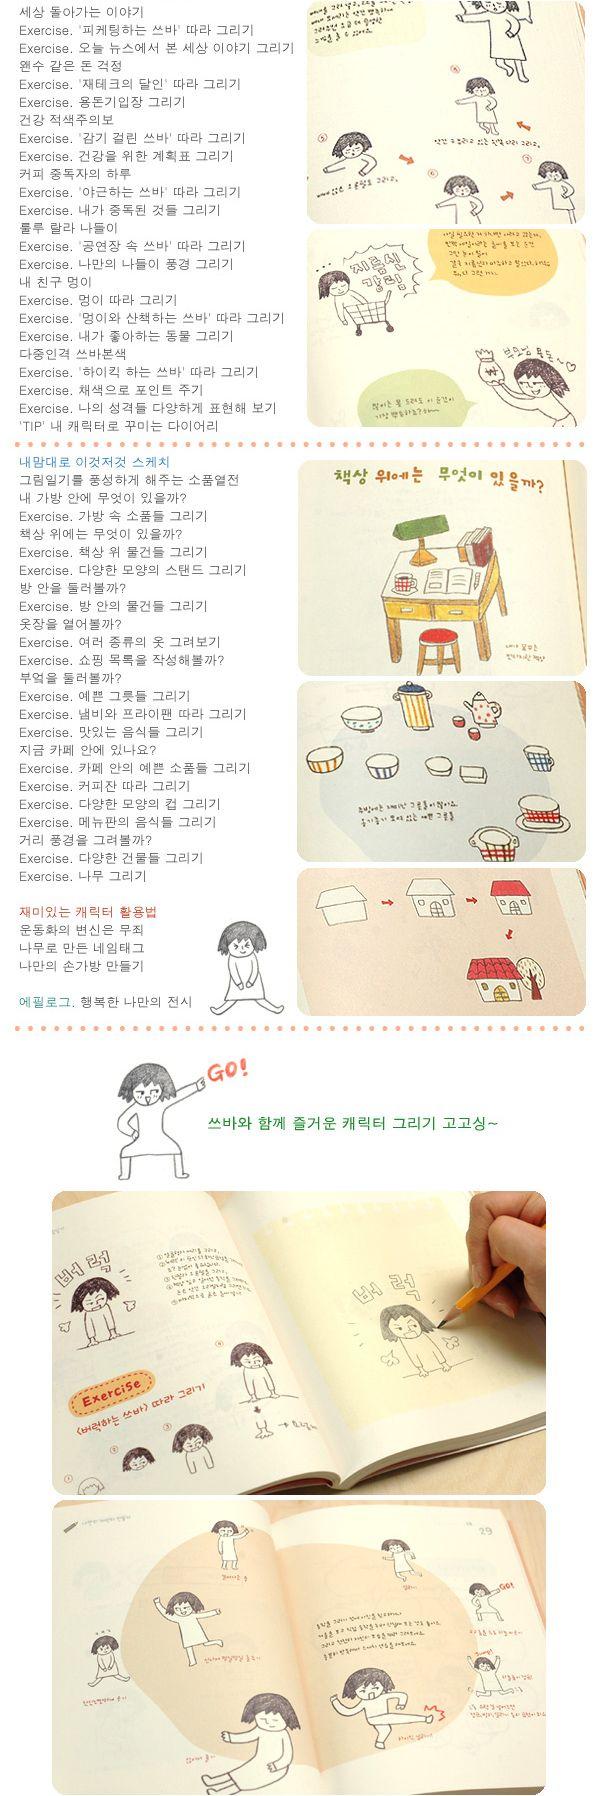 [텐바이텐] 매일매일 즐거운 쓰바의 캐릭터 스케치...